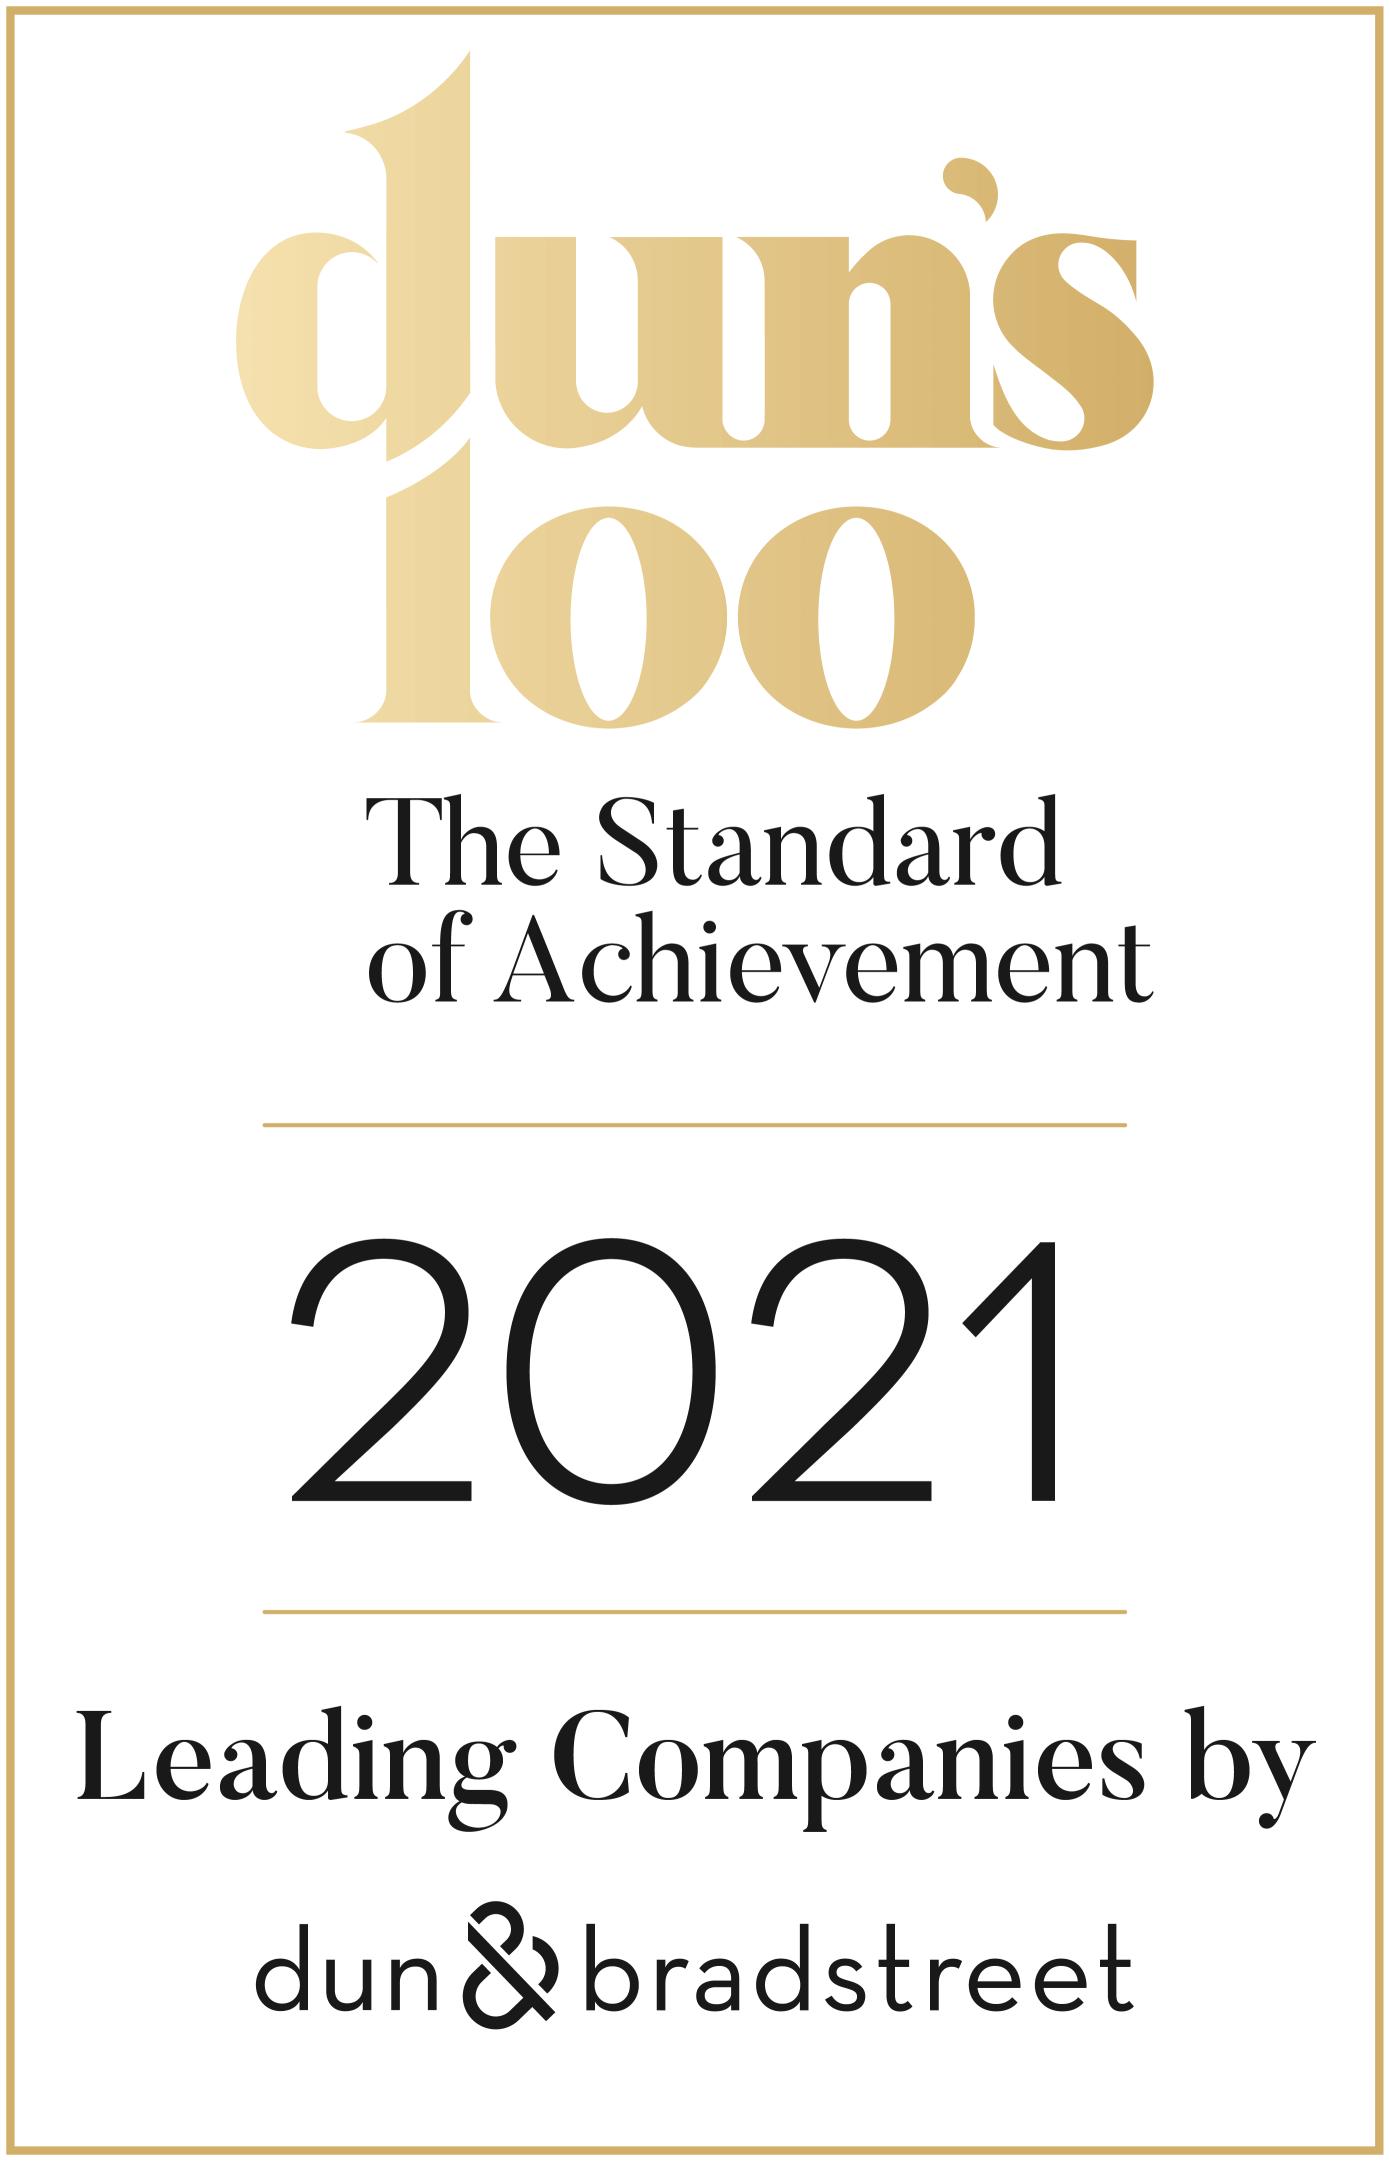 חותם דנס 100 לשנת 2021